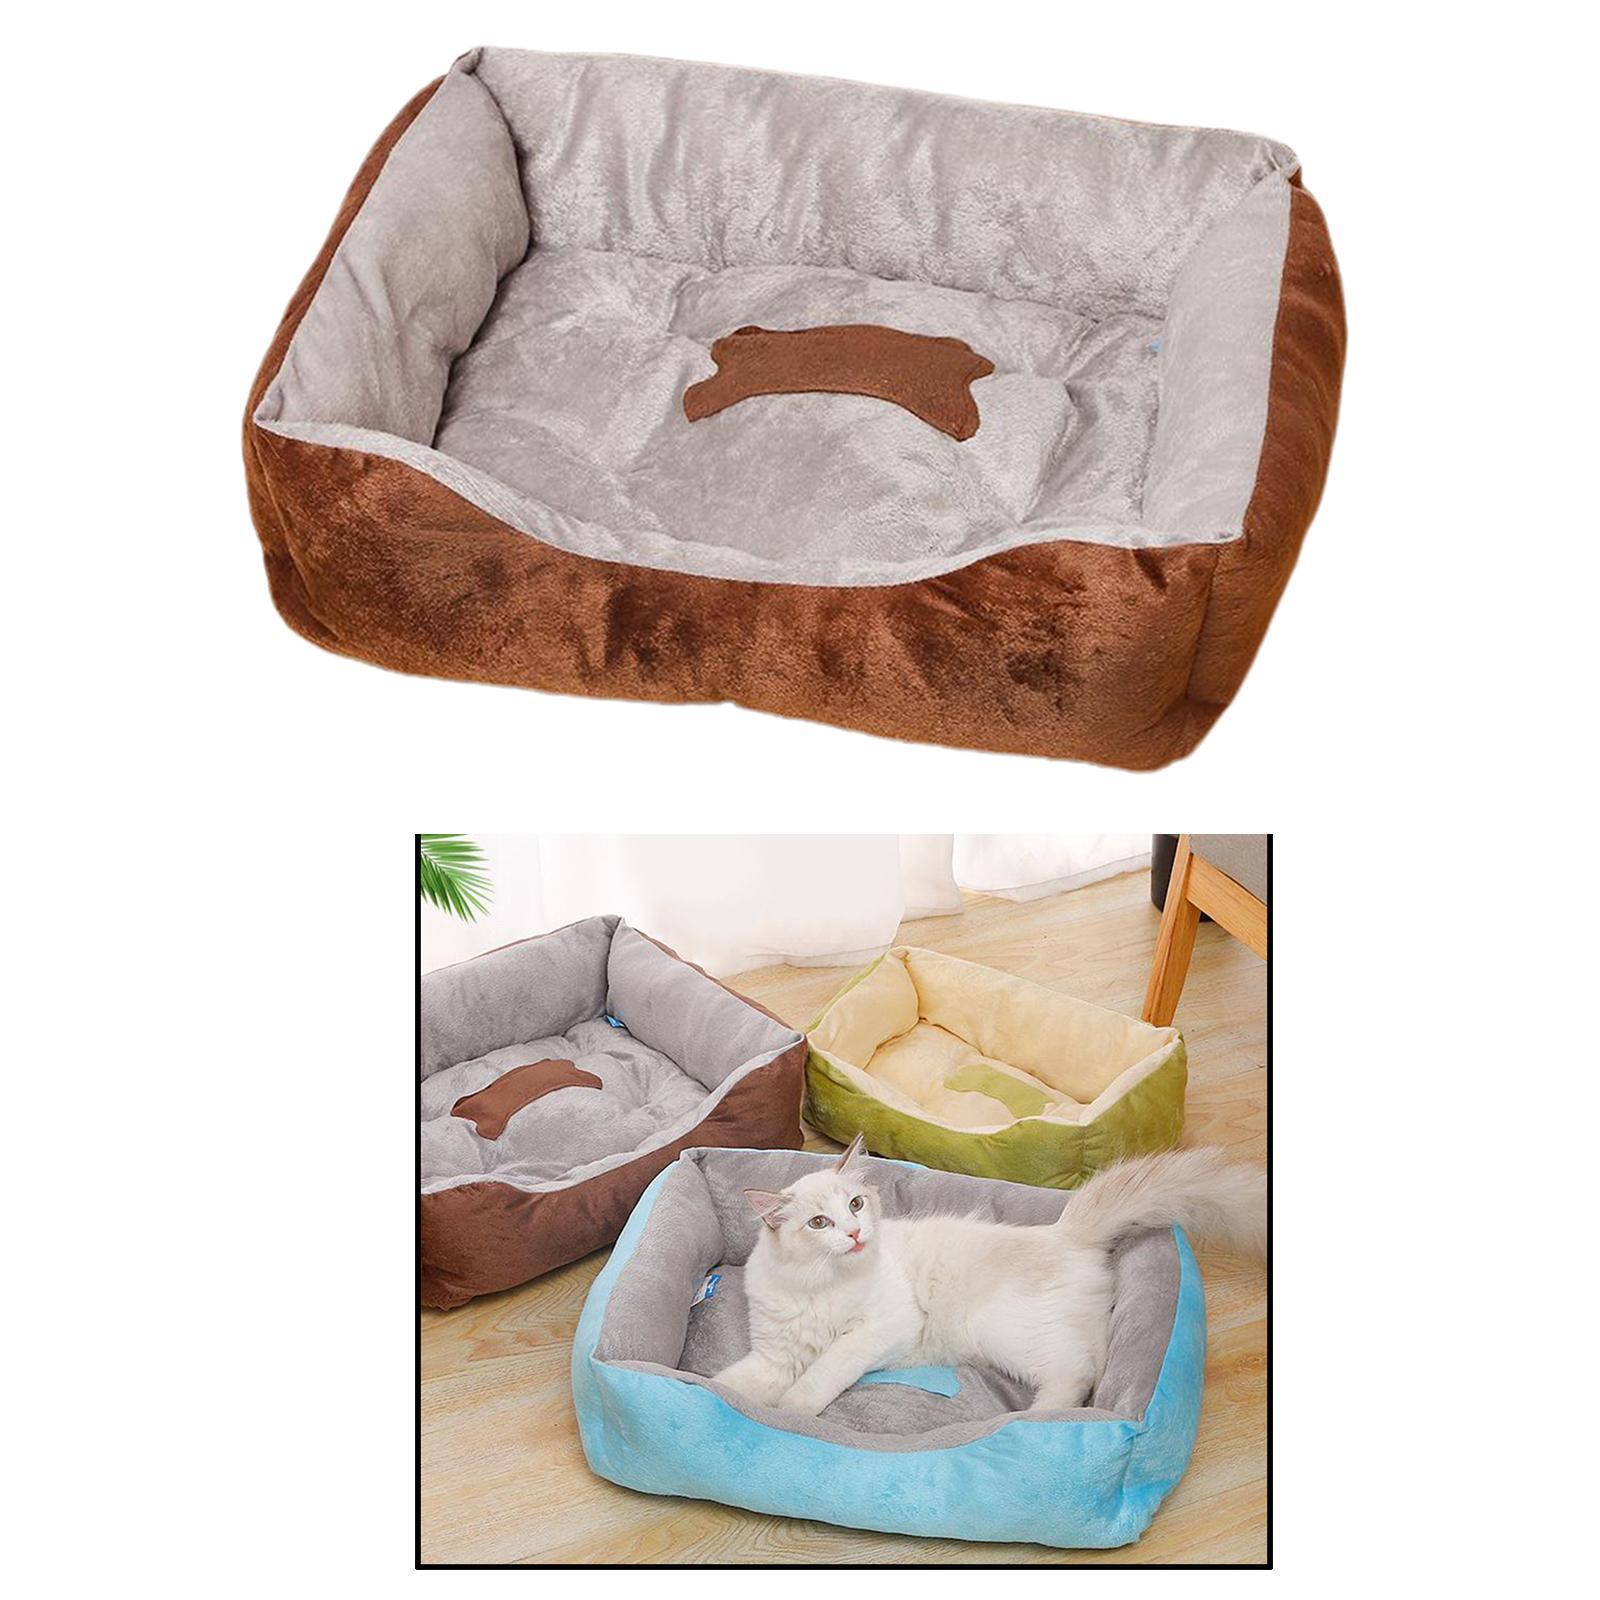 Indexbild 36 - Katze-Hund-Bett-Pet-Kissen-Betten-Haus-Schlaf-Soft-Warmen-Zwinger-Decke-Nest